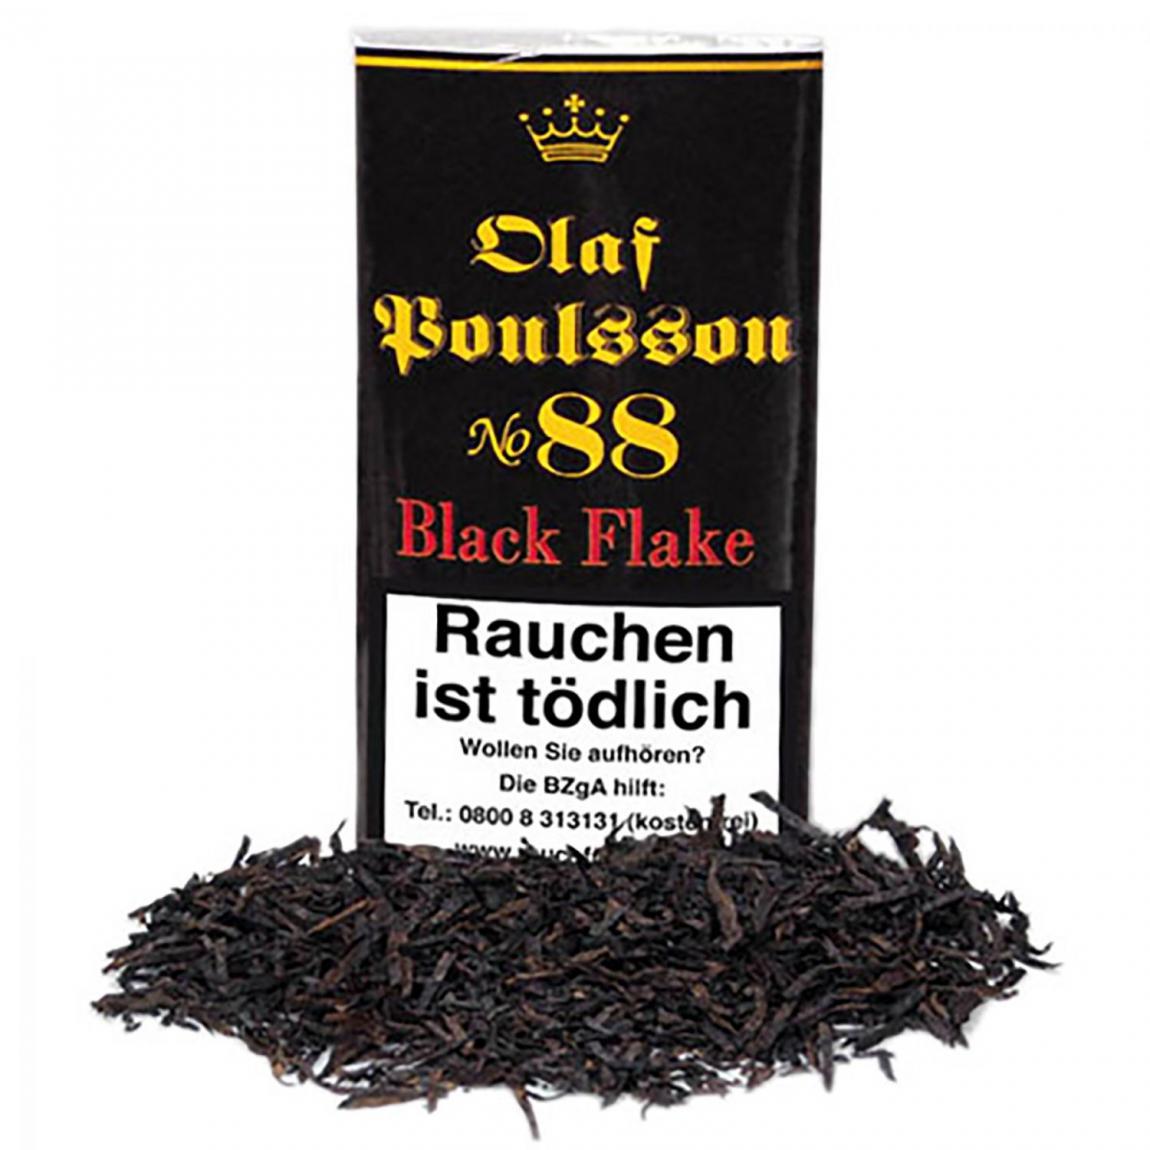 Olaf Poulsson No. 88 Black Flake 50g Pouch